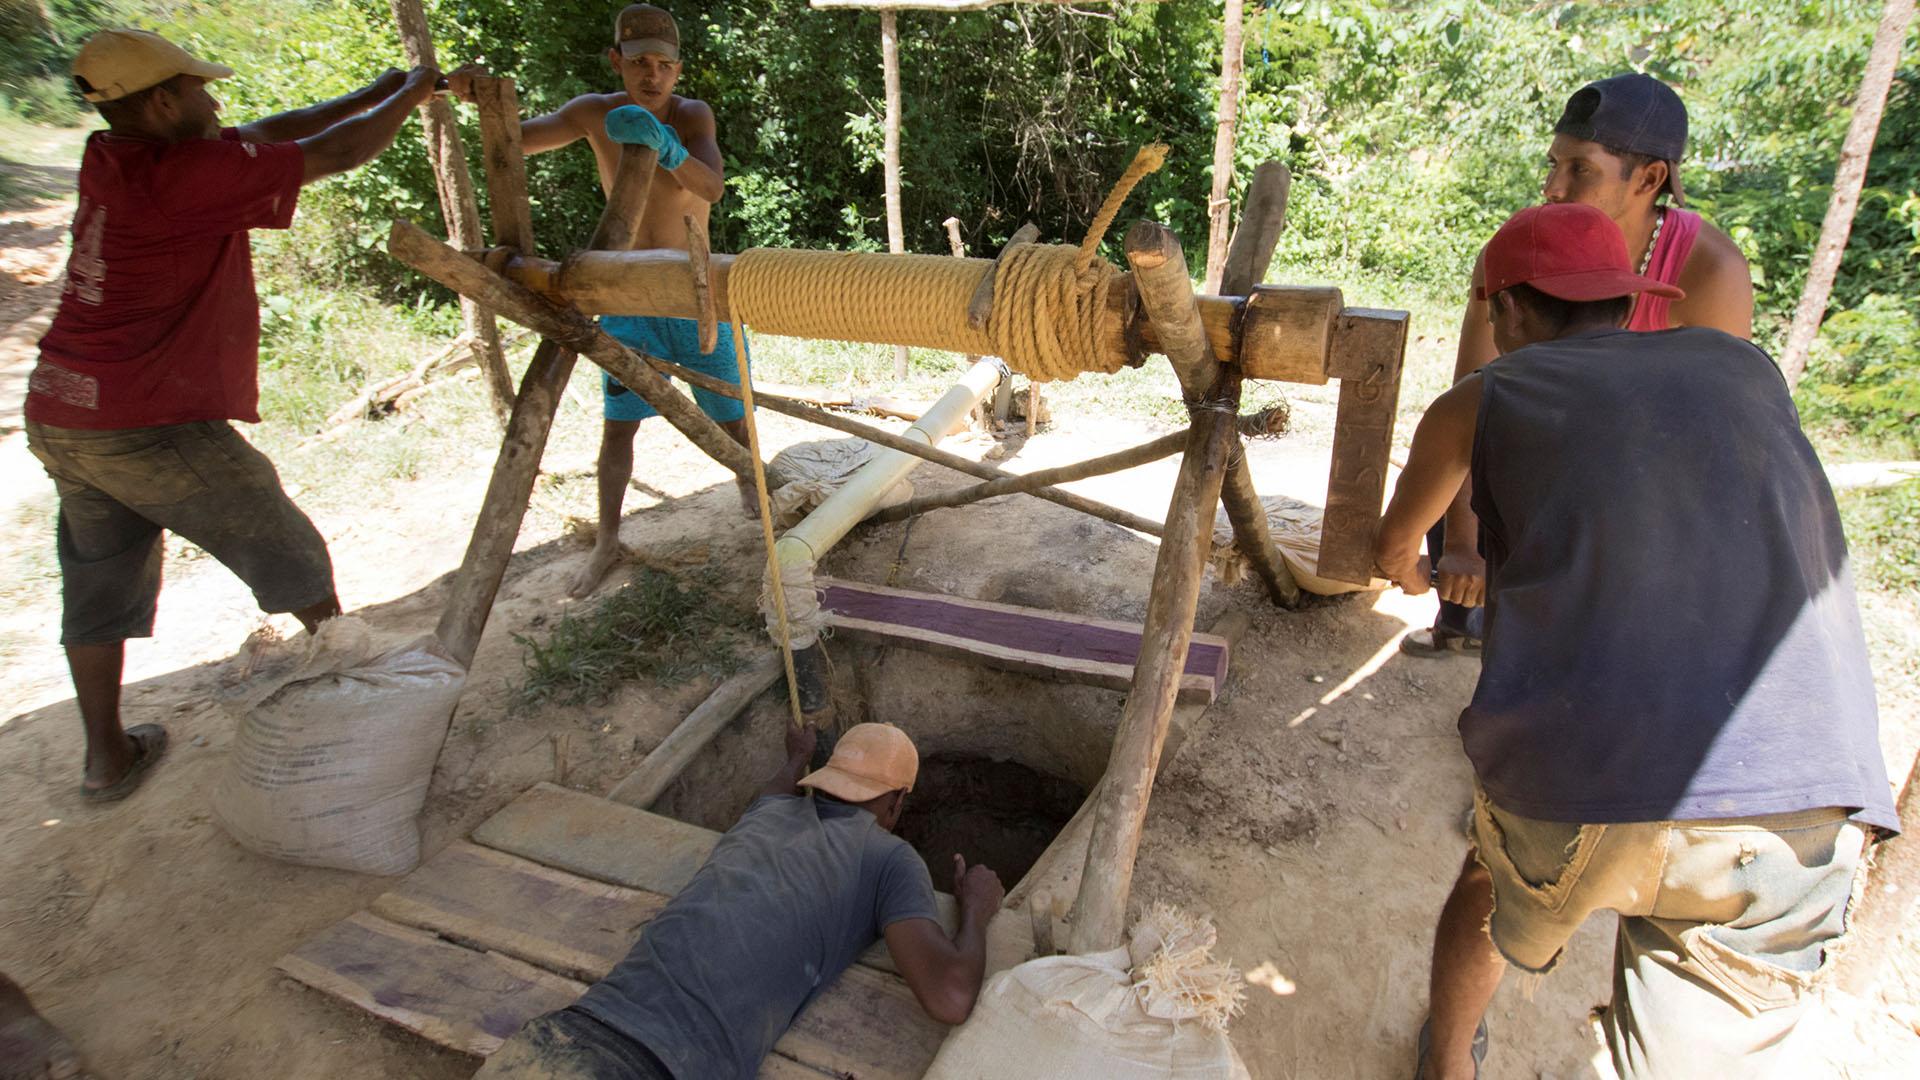 Algunos mineros han contraído enfermedades por las condiciones en las que trabajan (Reuters)